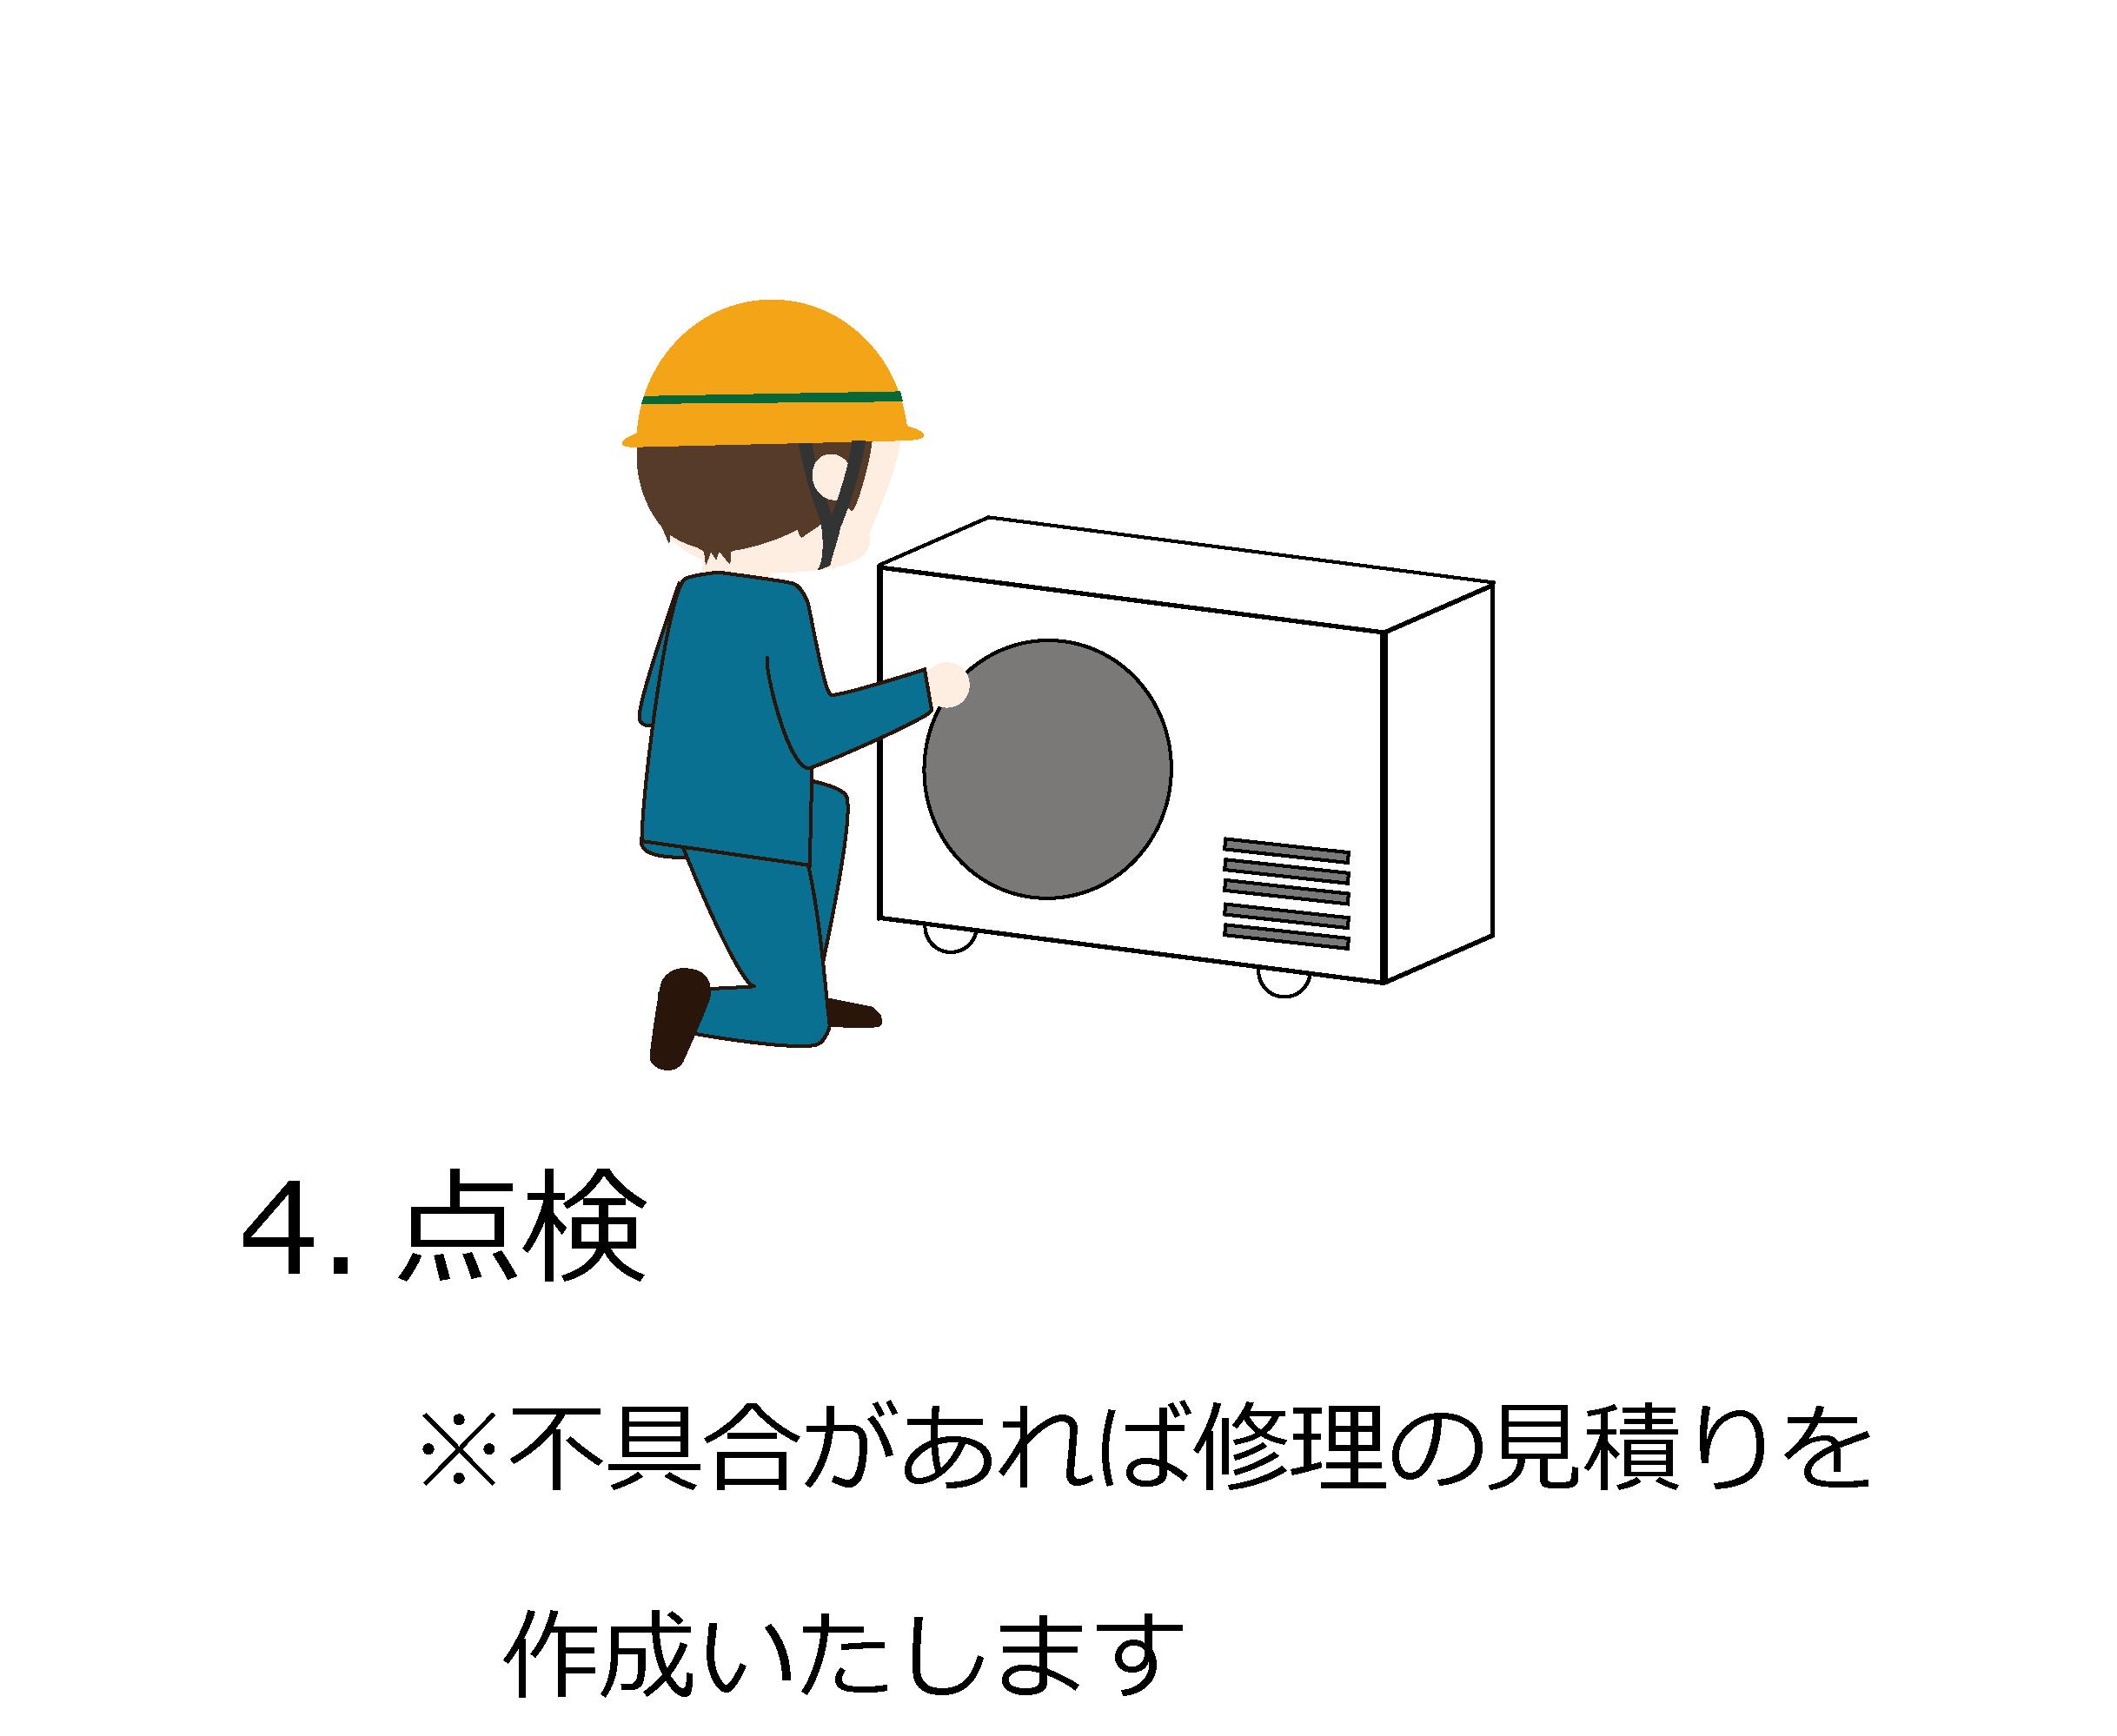 点検・修理